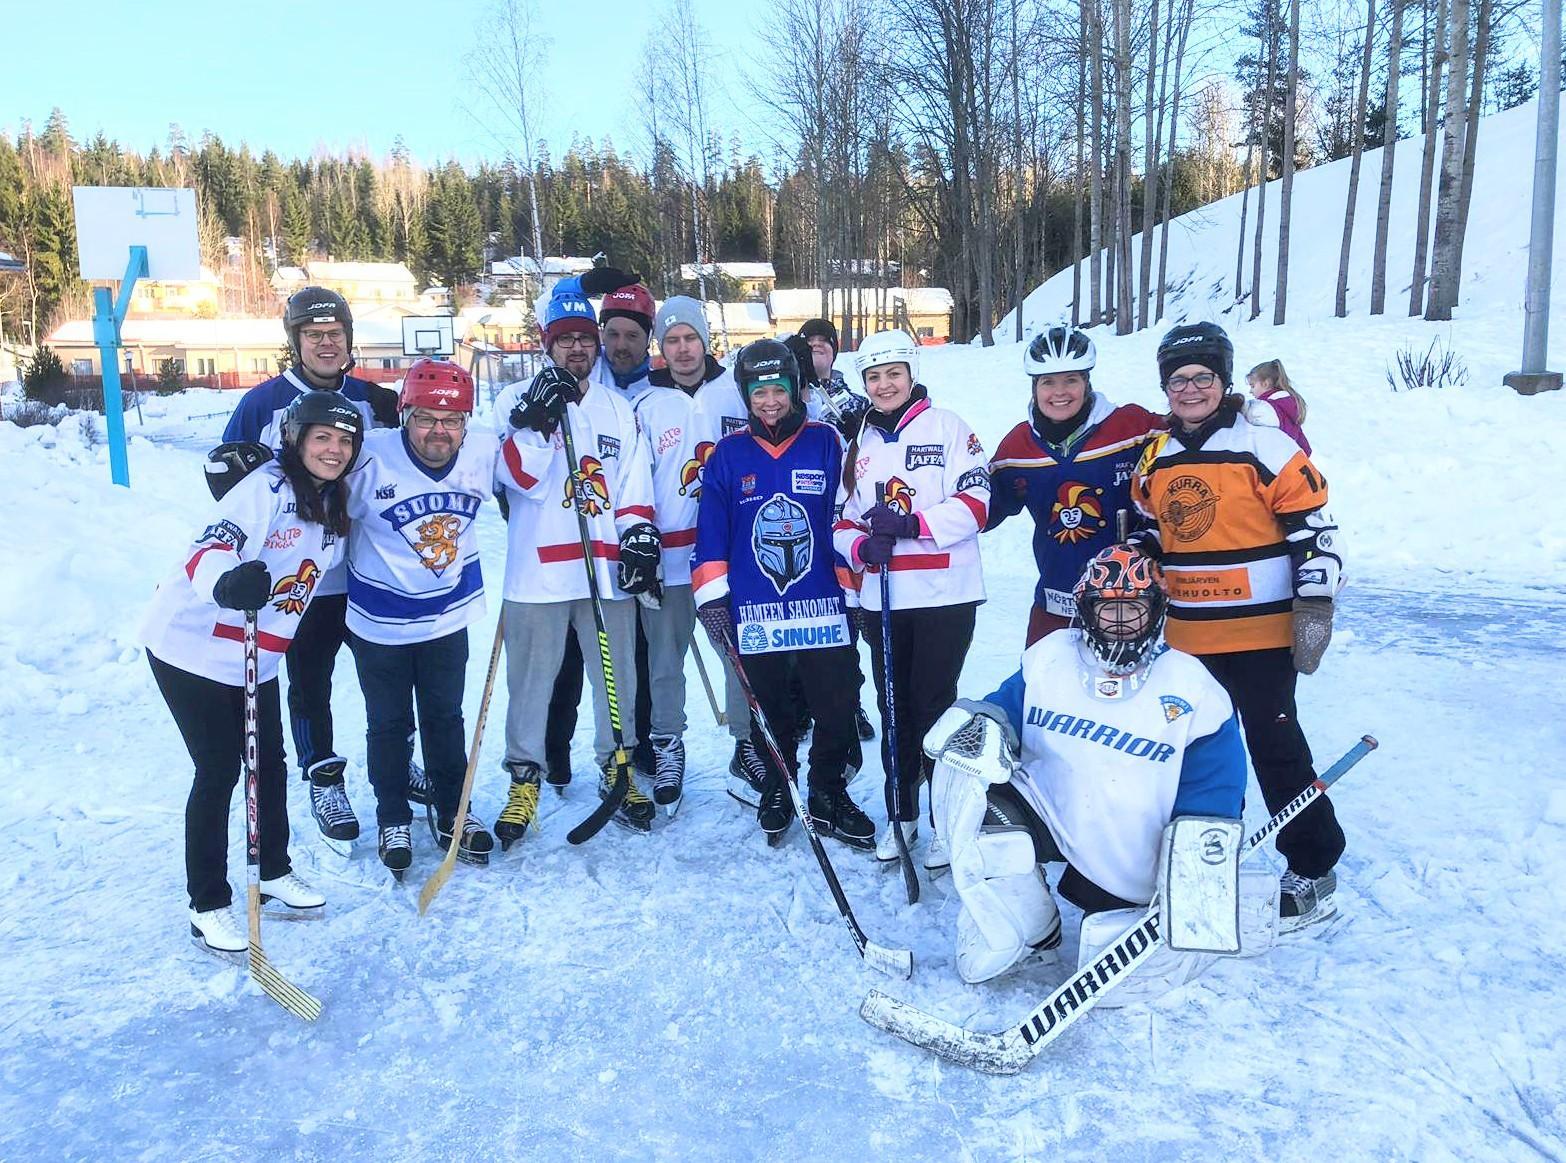 Avoimet Työpaikat Nurmijärvi